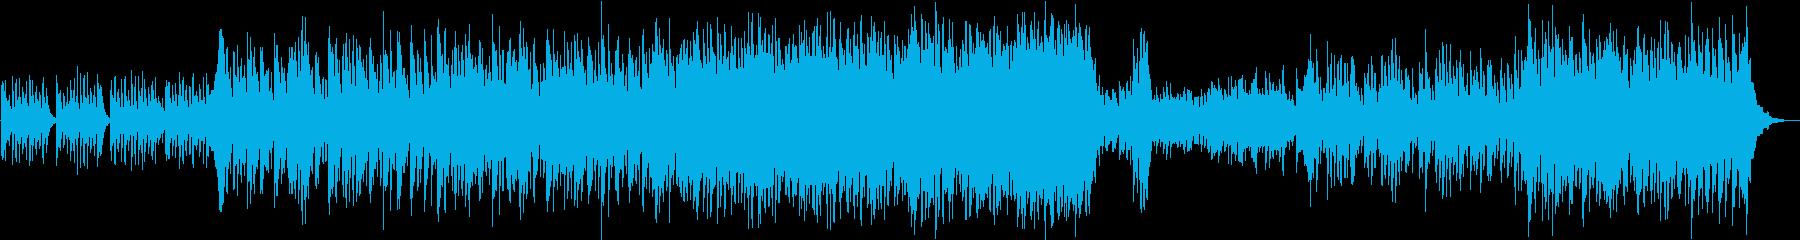 ピチカートとフルートの軽快なオーケストラの再生済みの波形